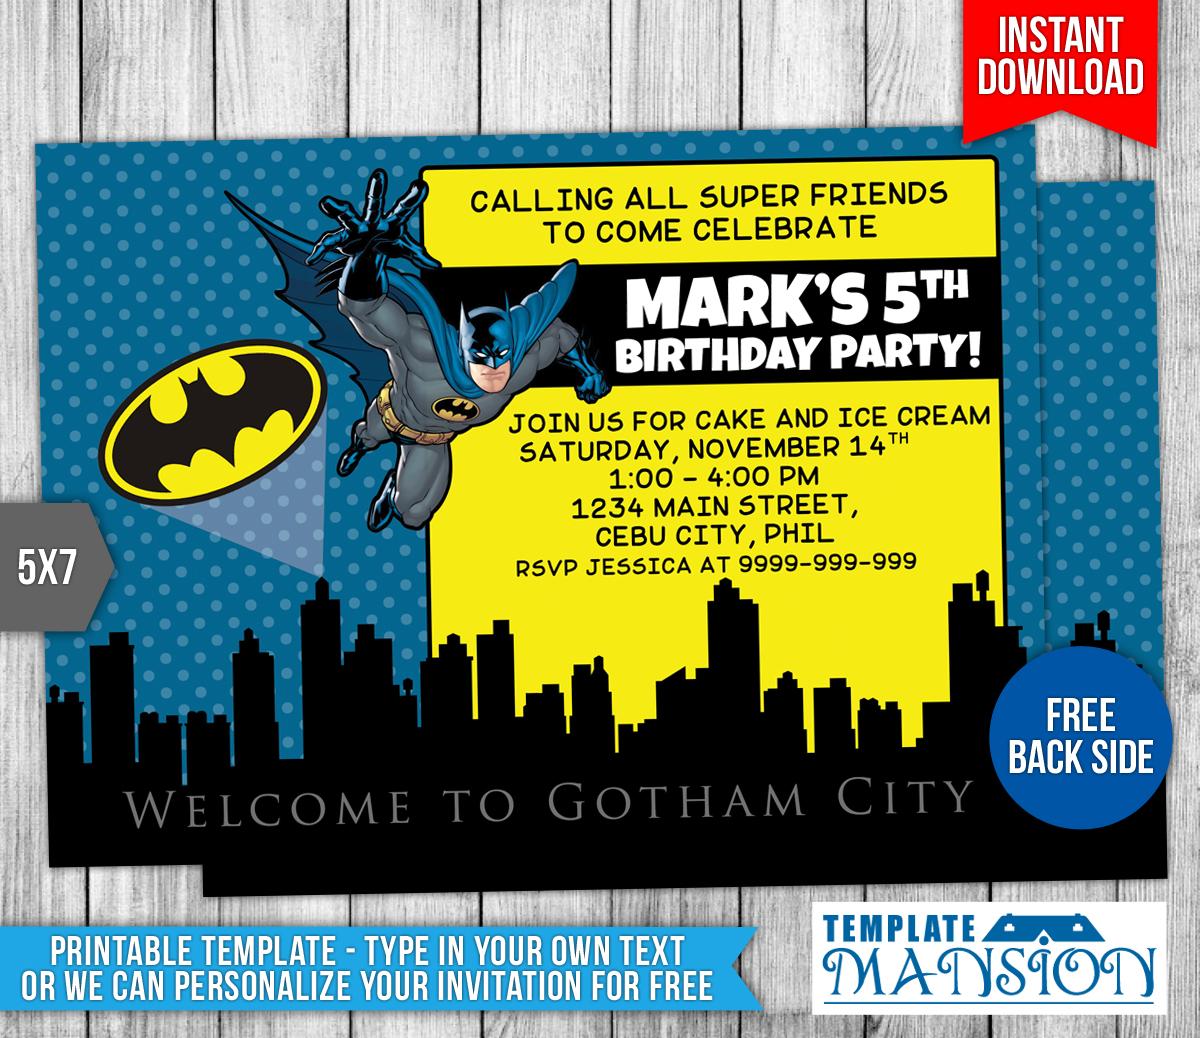 Spiderman Invitation Templates Free were Amazing Design To Make Perfect Invitations Design